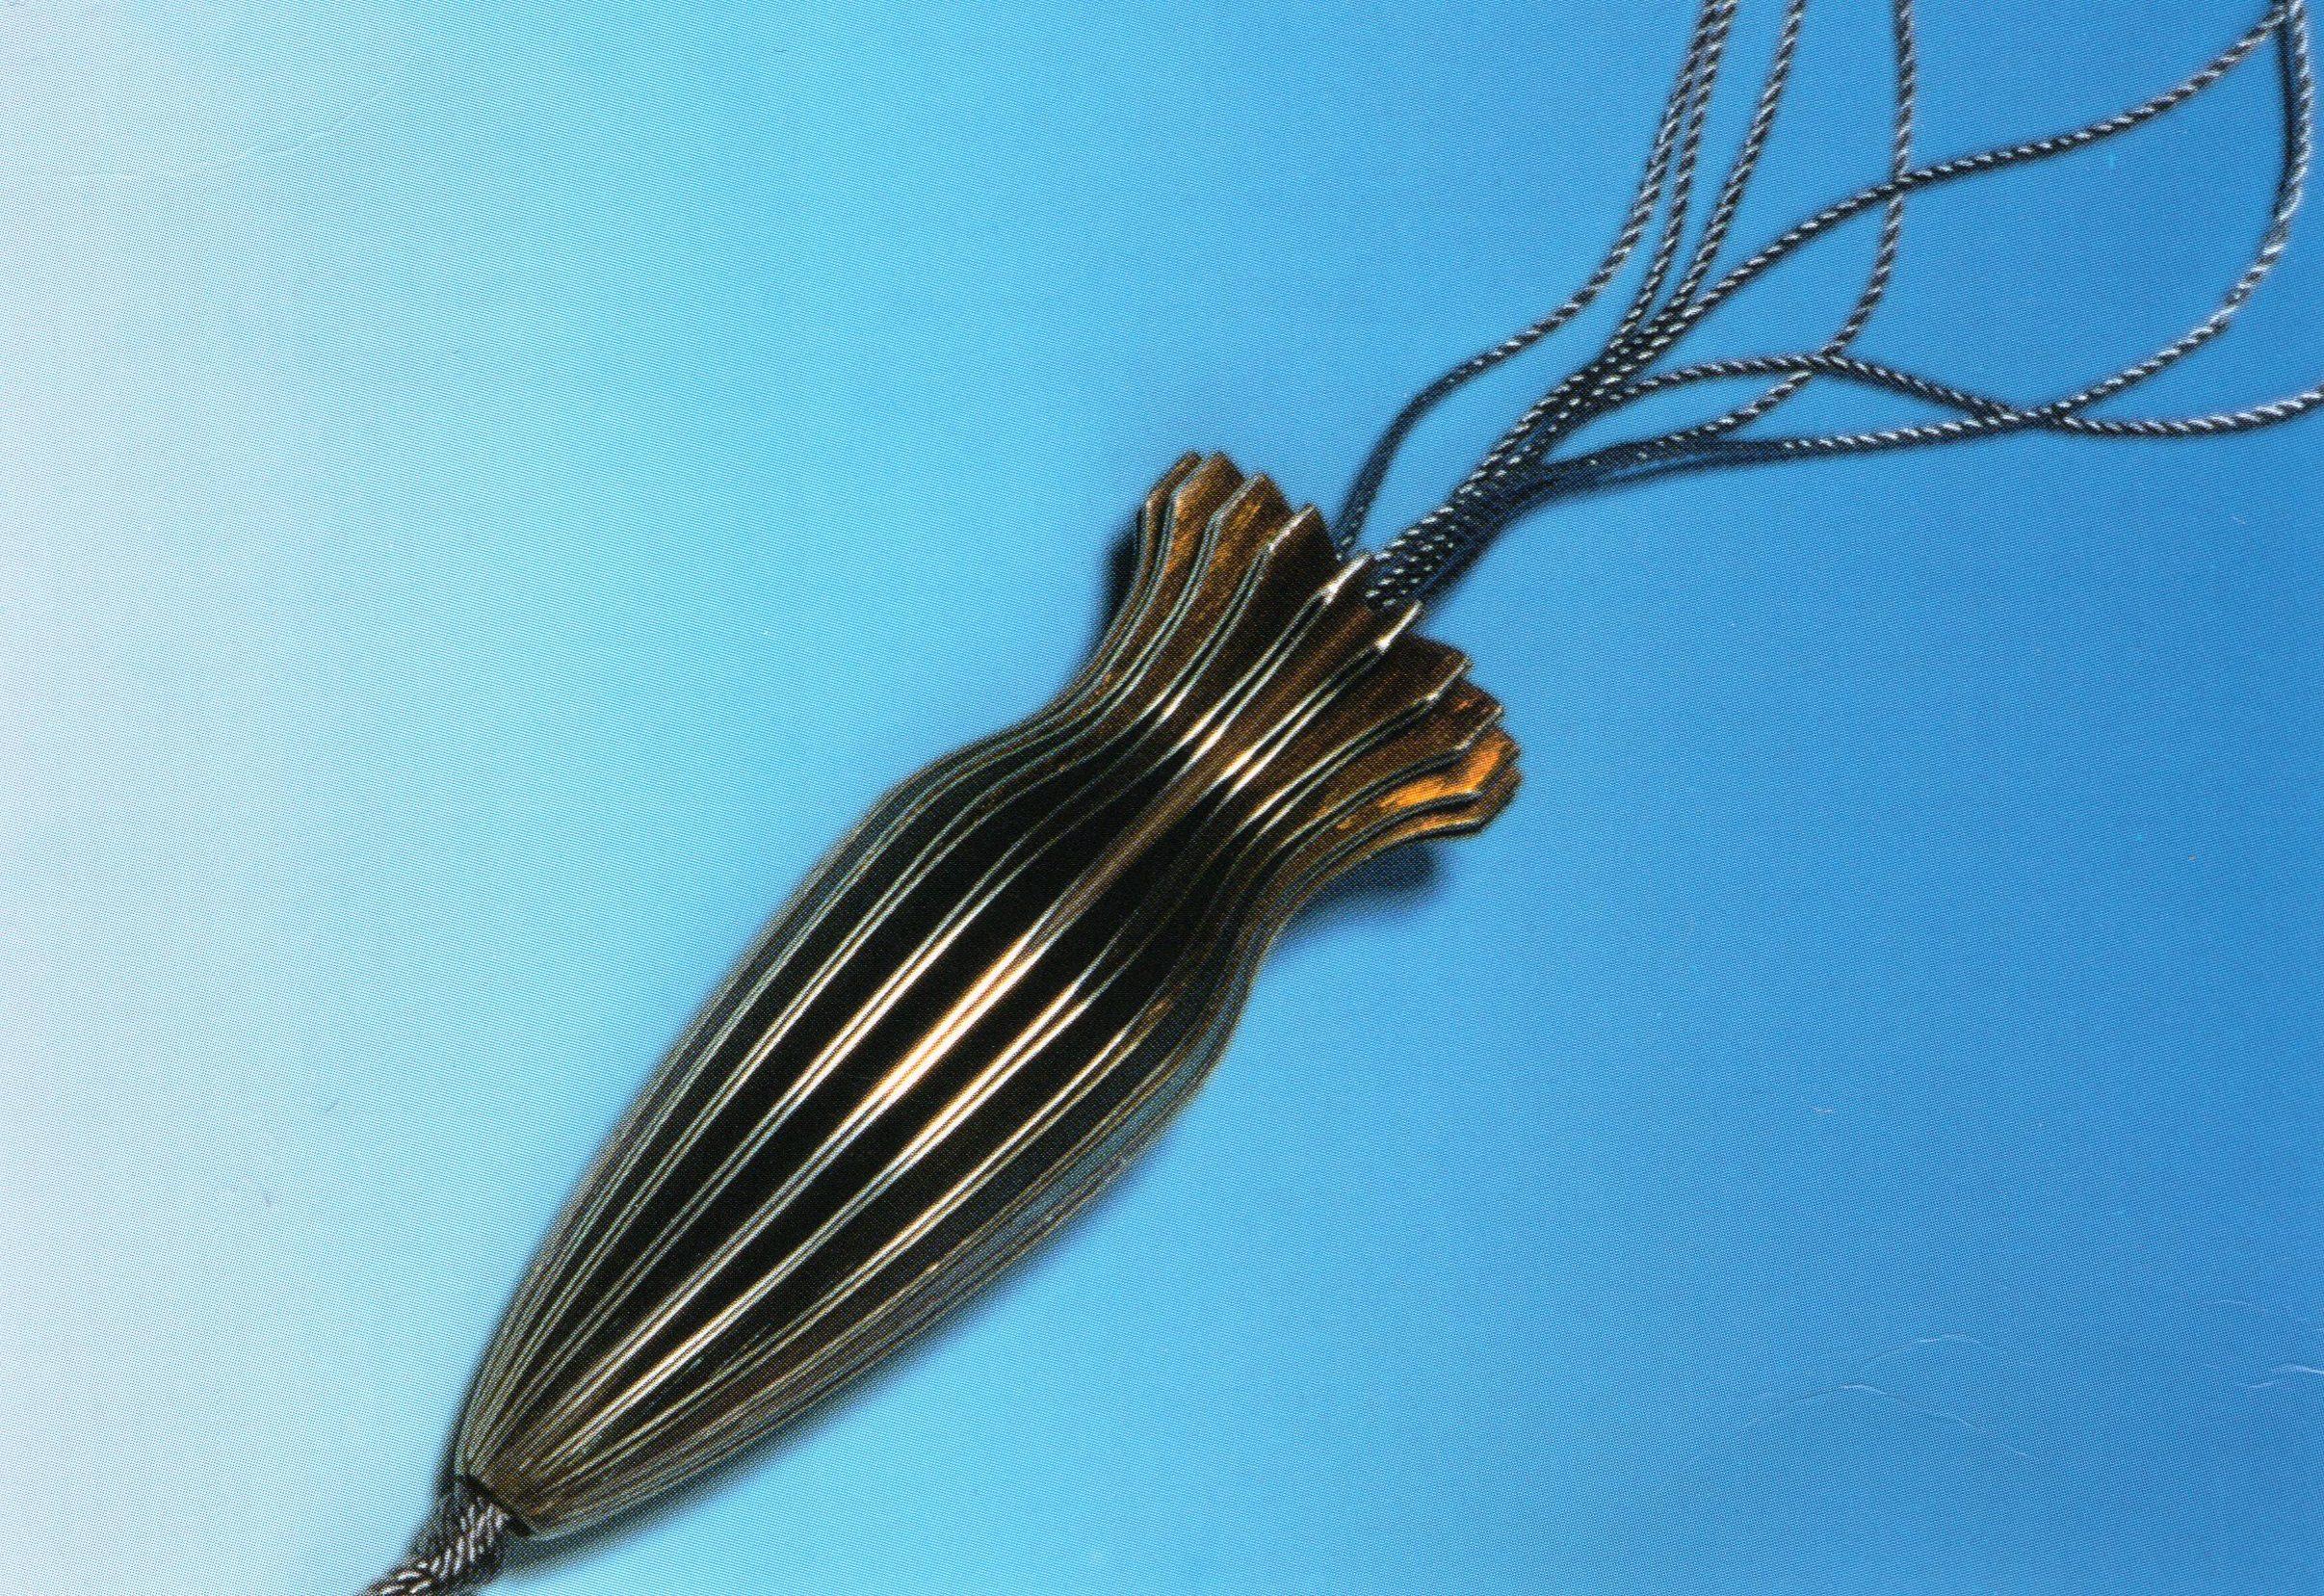 Suzanne Esser, halssieraad, 1995, gevouwen en gepatineerd zilver